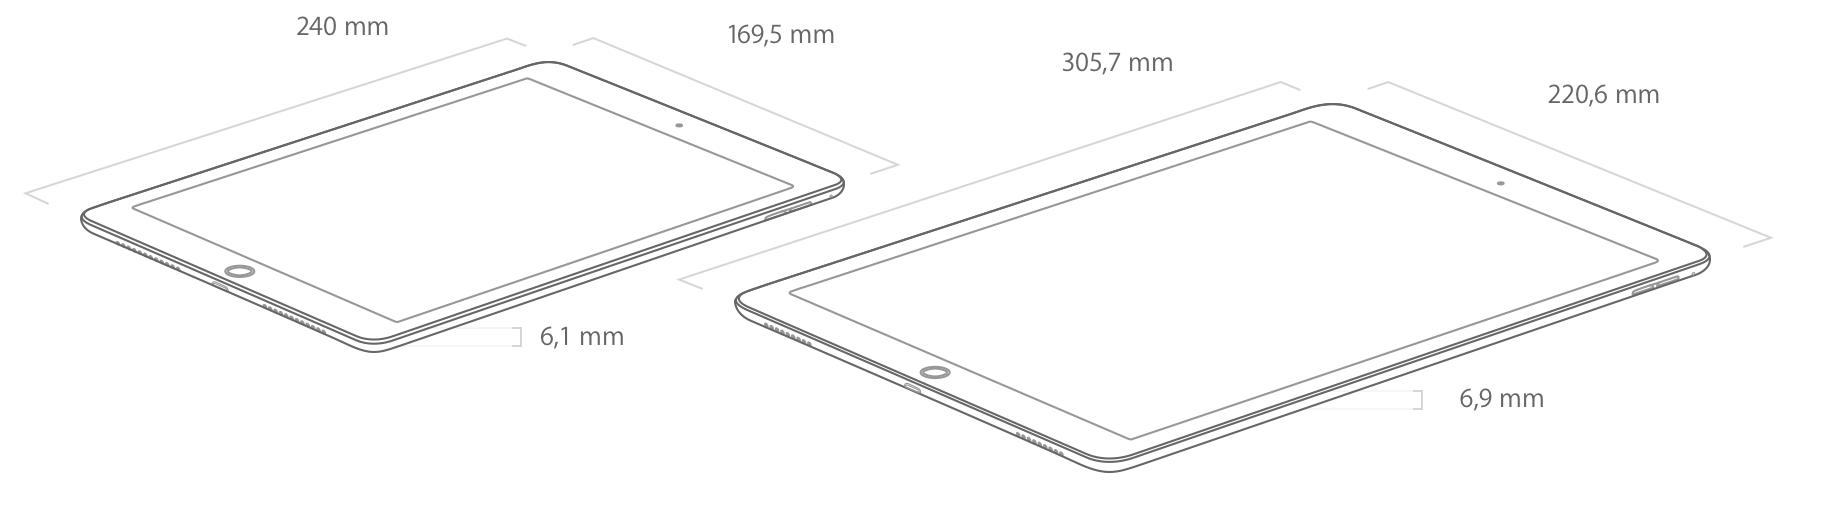 ipad pro 9 7 und 12 9 zoll vs ipad air 2 im vergleich wer wird meister der tablets giga. Black Bedroom Furniture Sets. Home Design Ideas